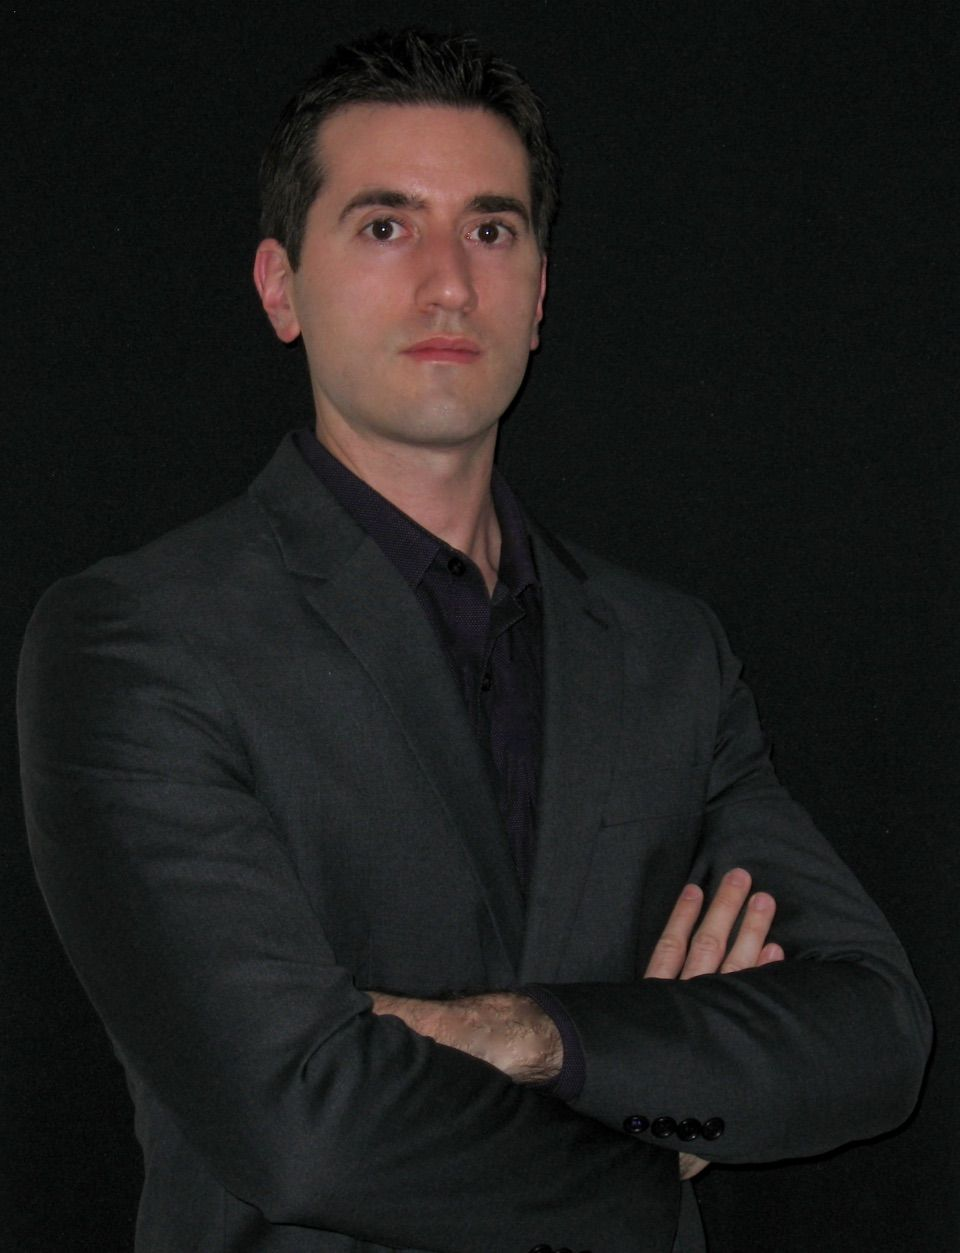 CORPO DOCENTE - André Oliveira Pepato